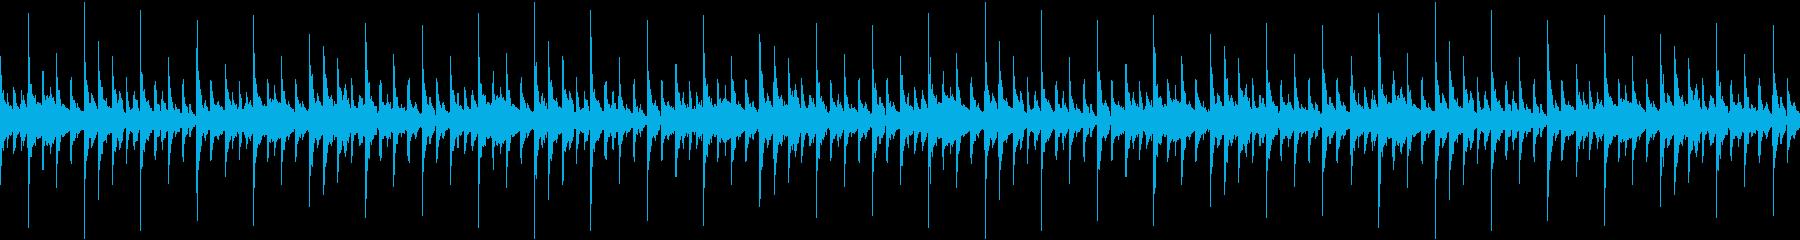 パルスループ2の再生済みの波形